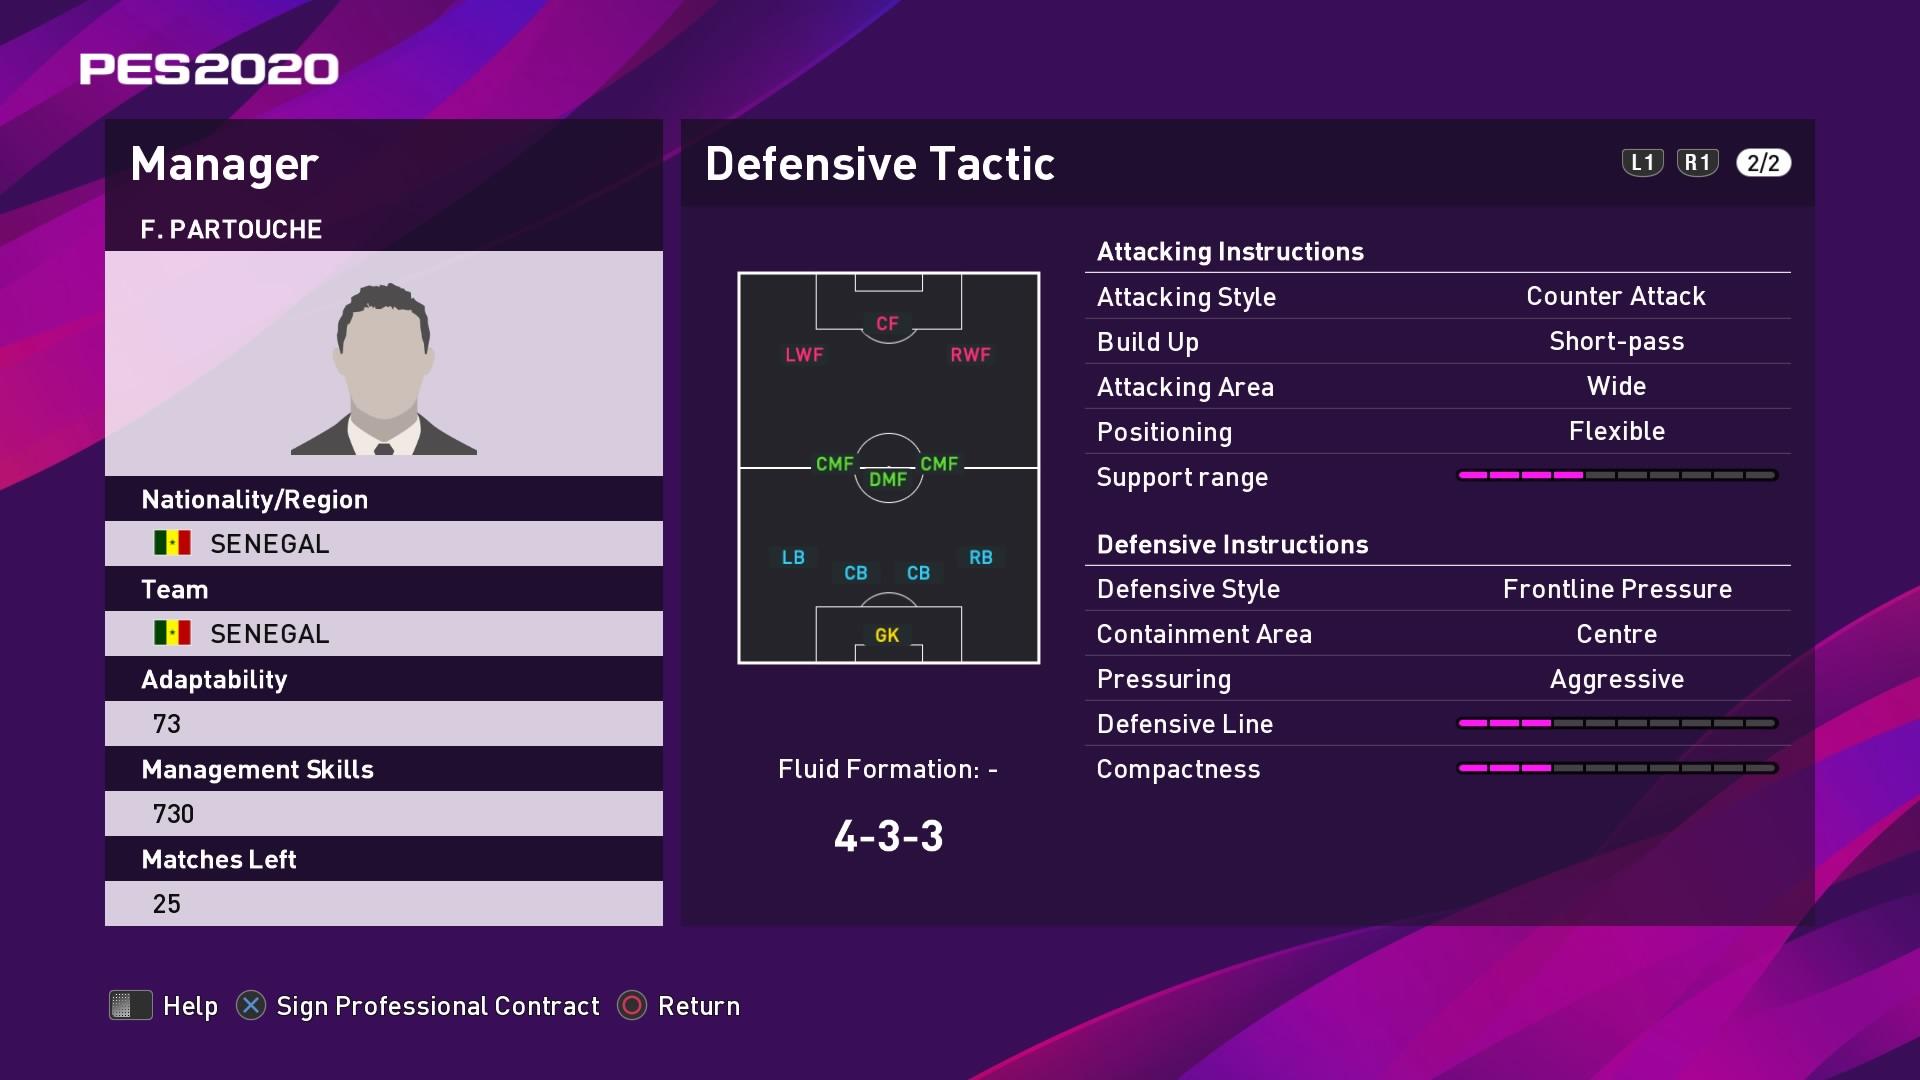 F. Partouche (Aliou Cissé) Defensive Tactic in PES 2020 myClub